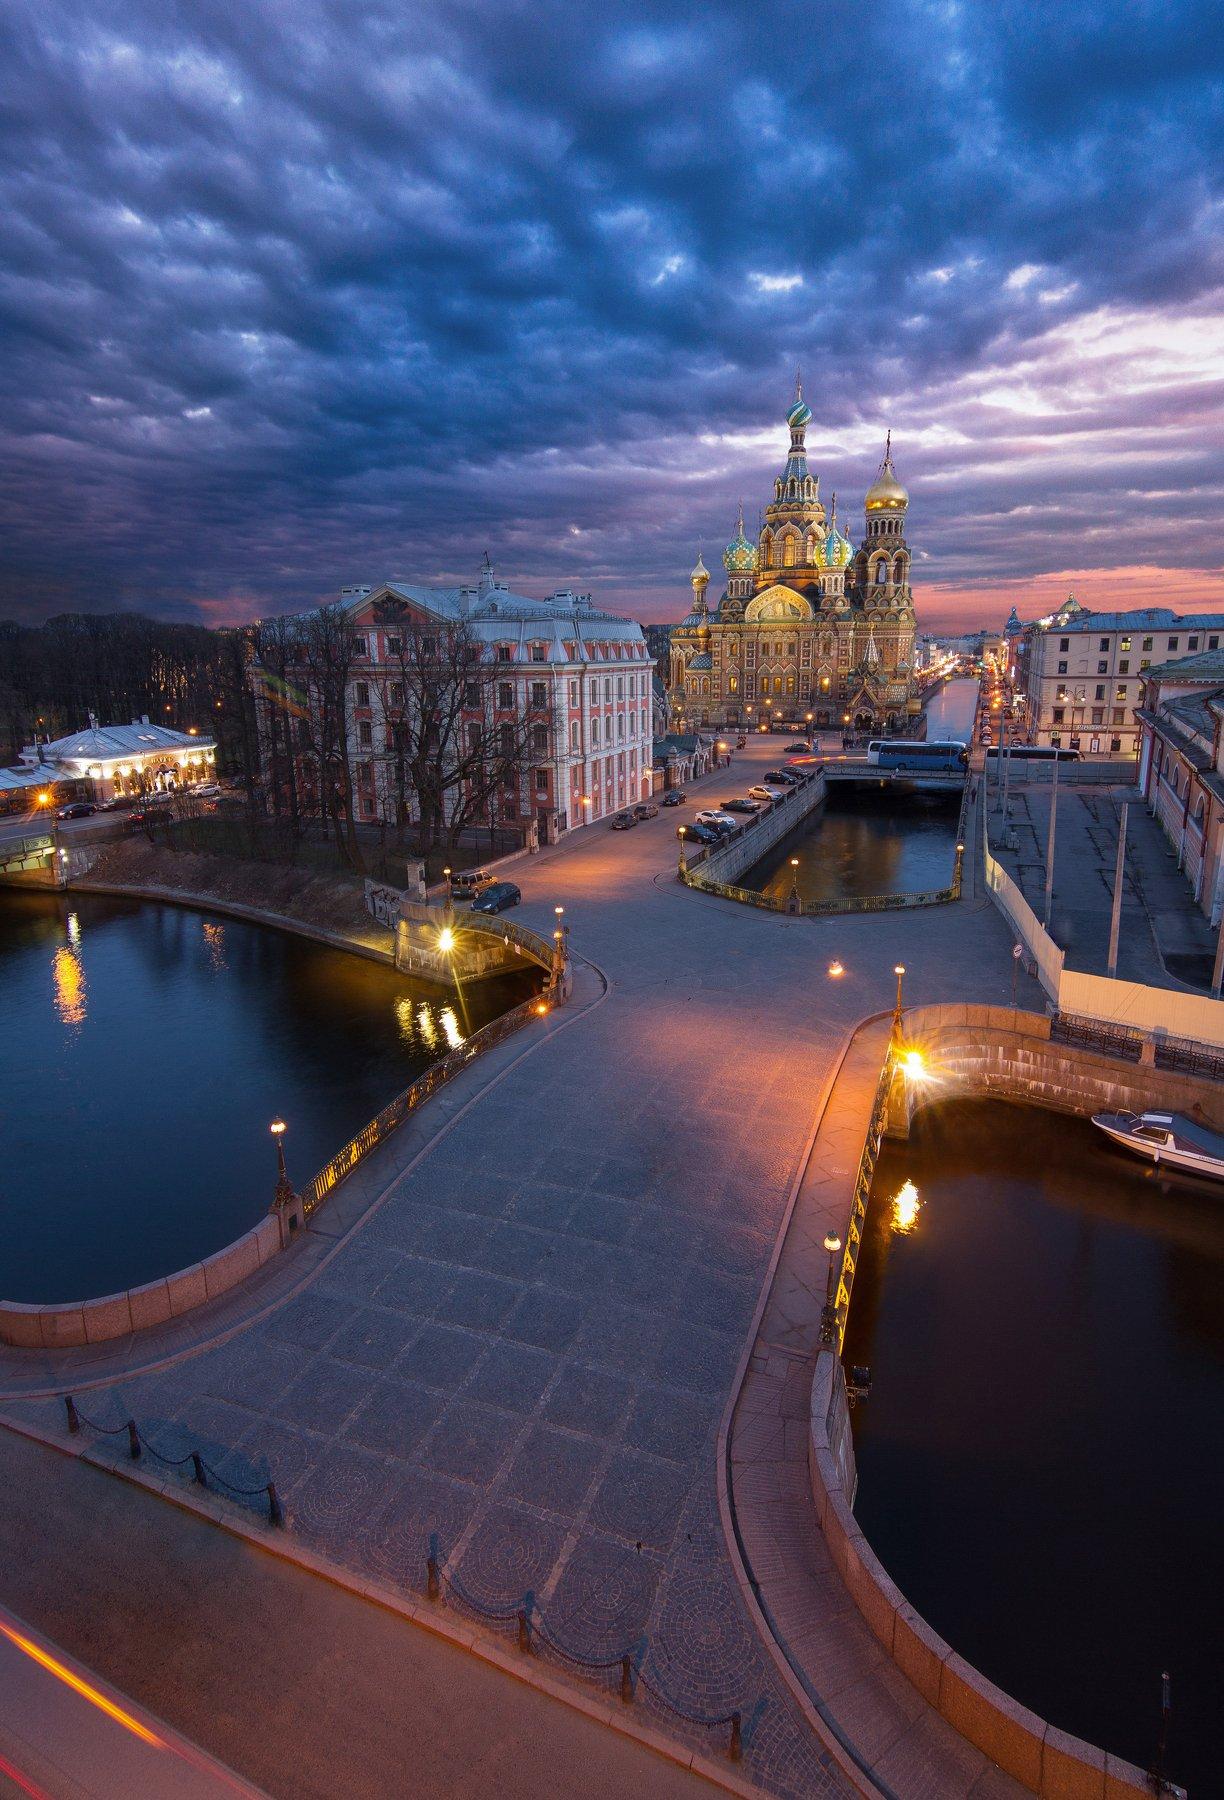 Санкт-Петербург, крыша, закат, церковь, Голубев Алексей